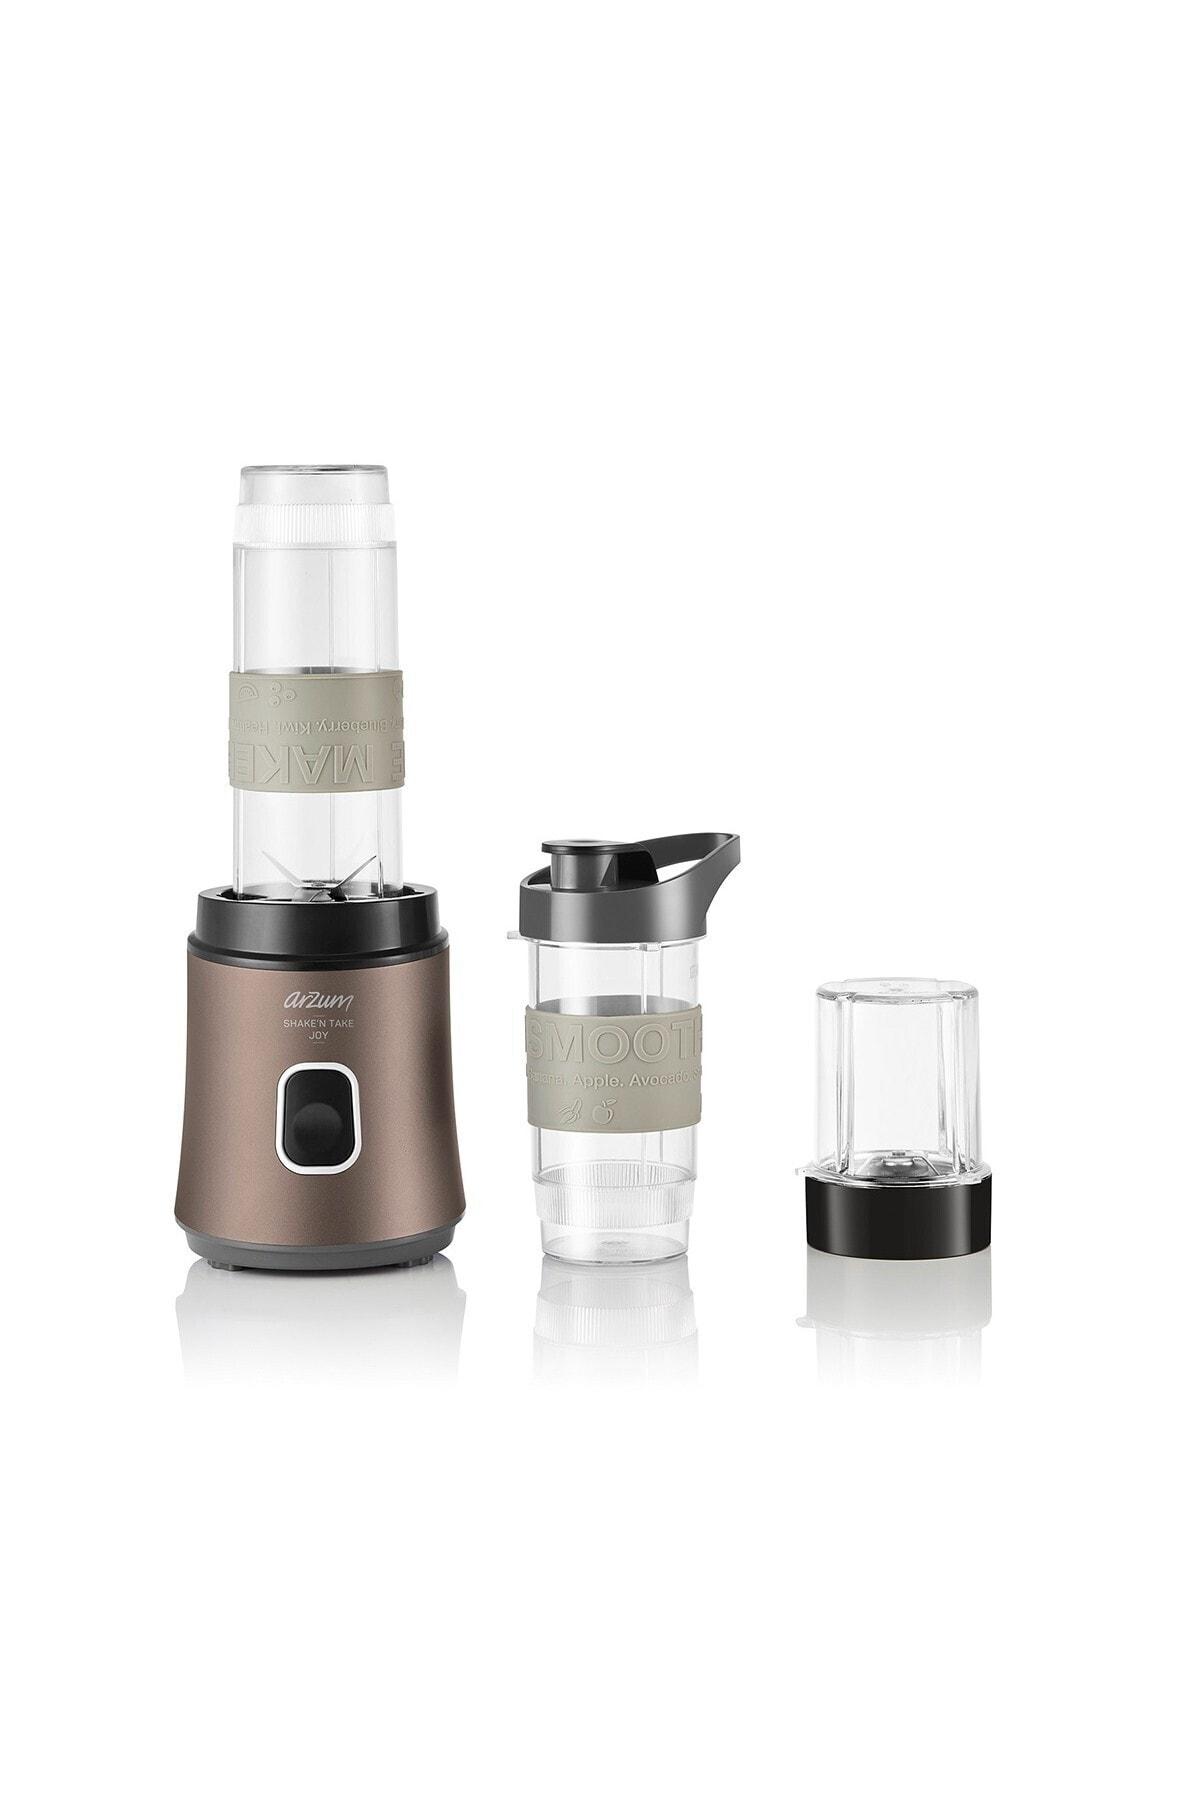 Ar1101 Shake'n Take Joy Kişisel Blender